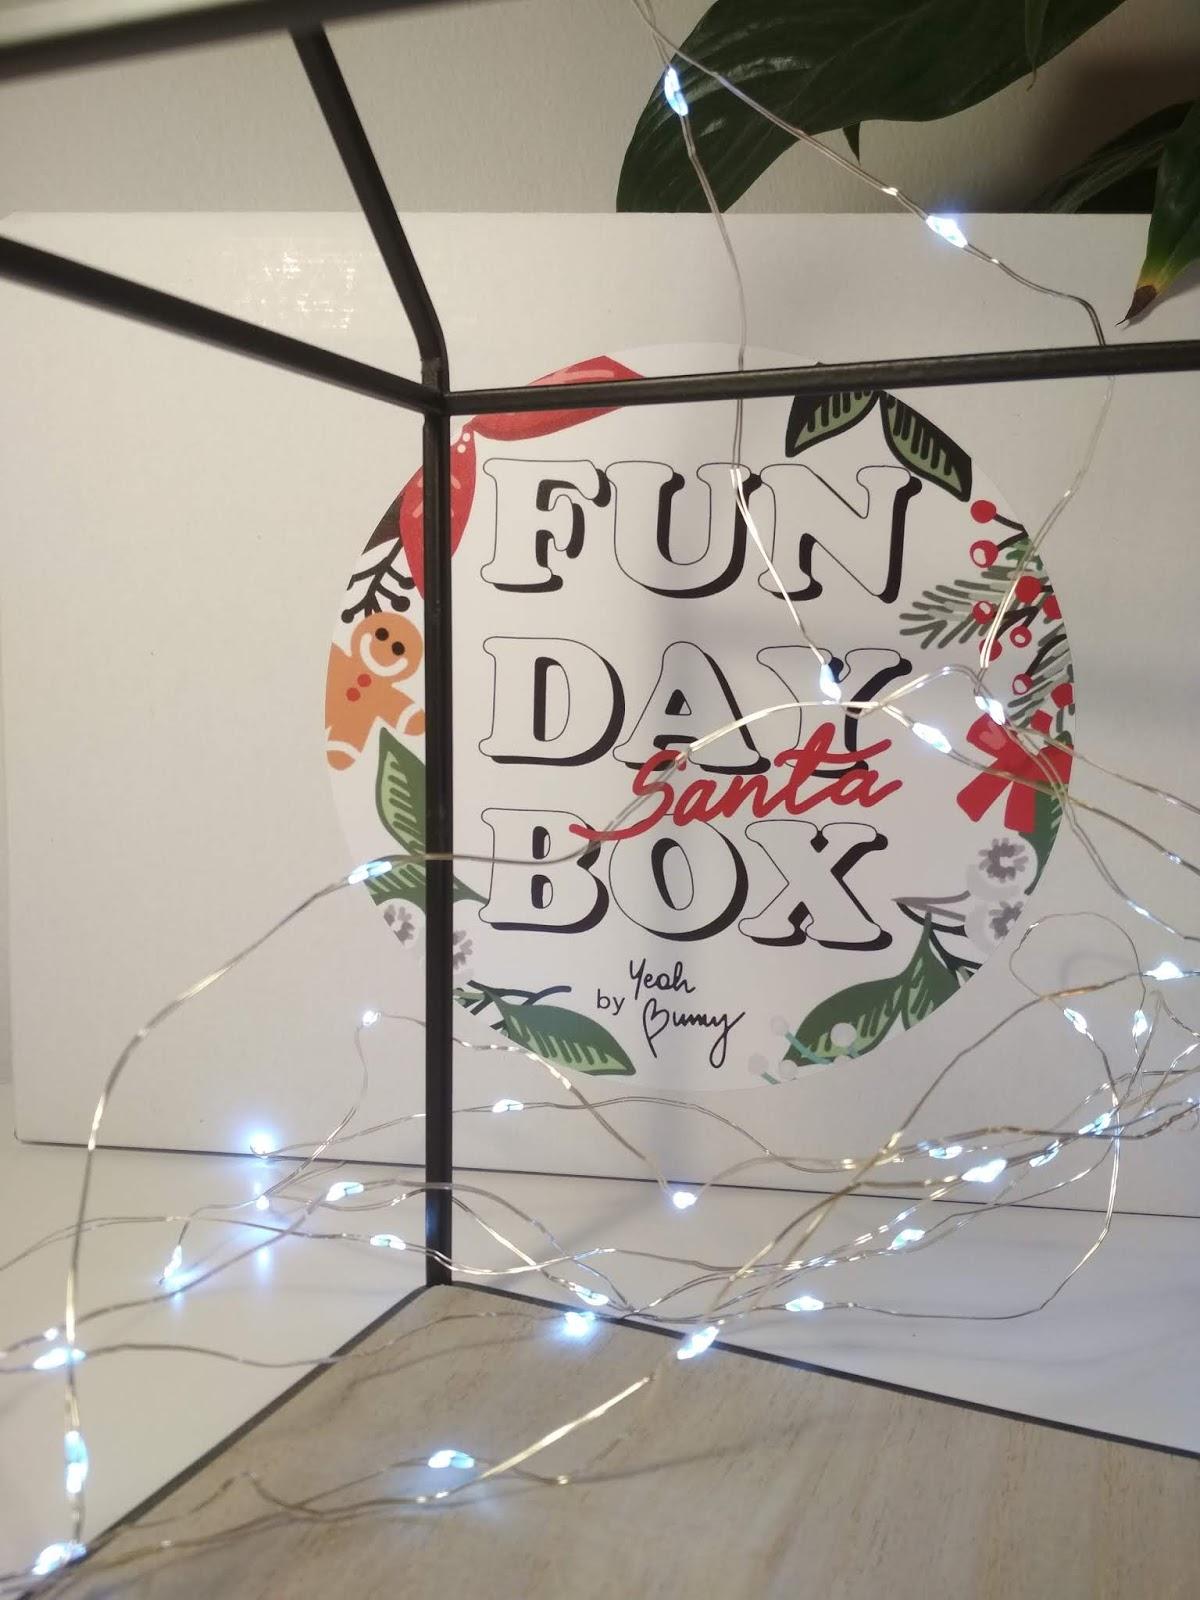 Fun Day Box Santa - zawartość pudełka i moje pierwsze wrażenia